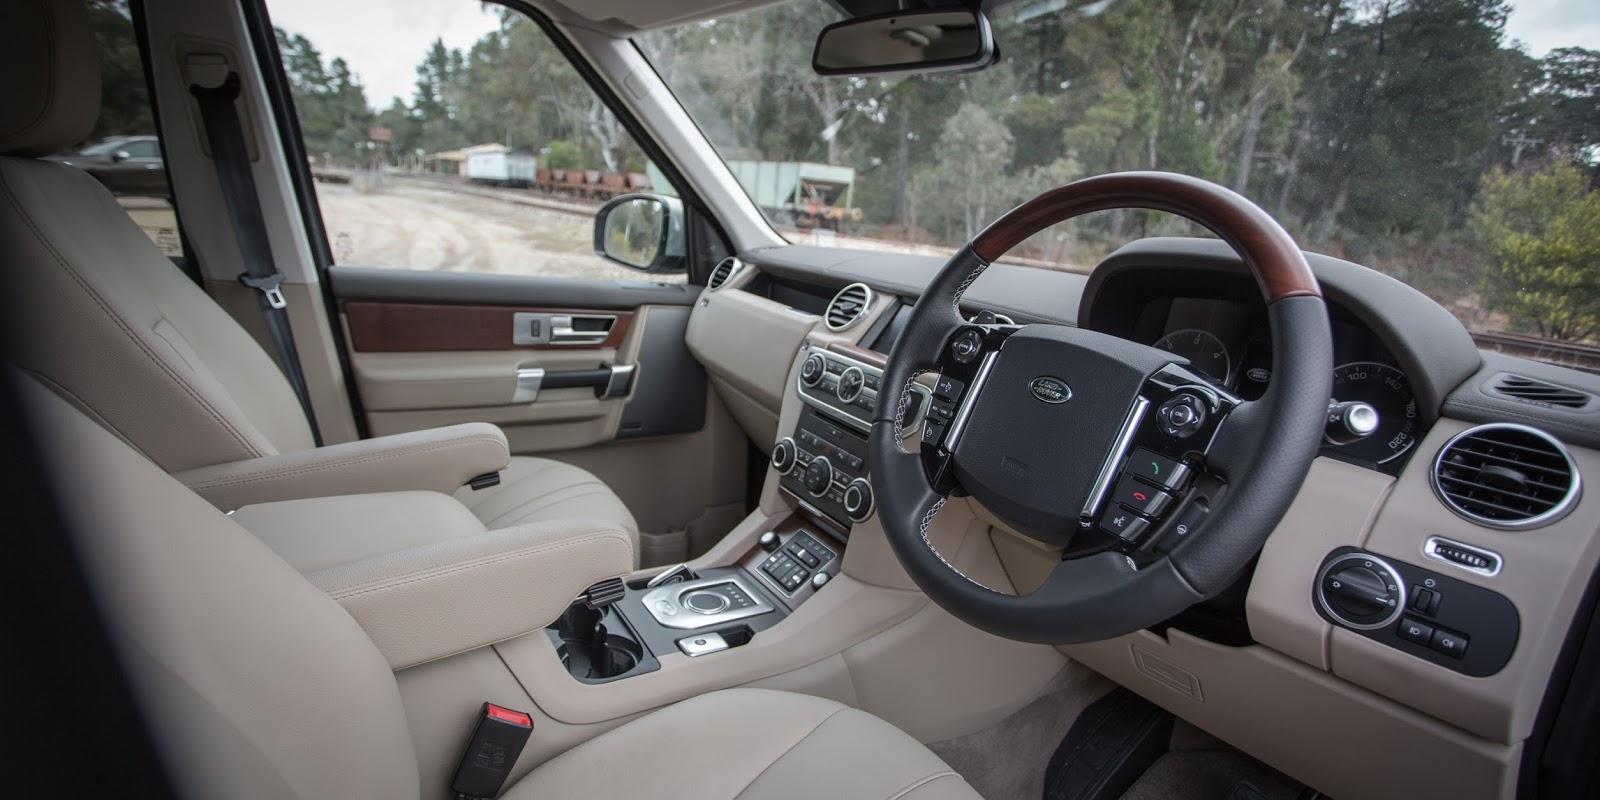 Khá nhiều tính năng được trang bị trên chiếc Land Rover Discovery 2016